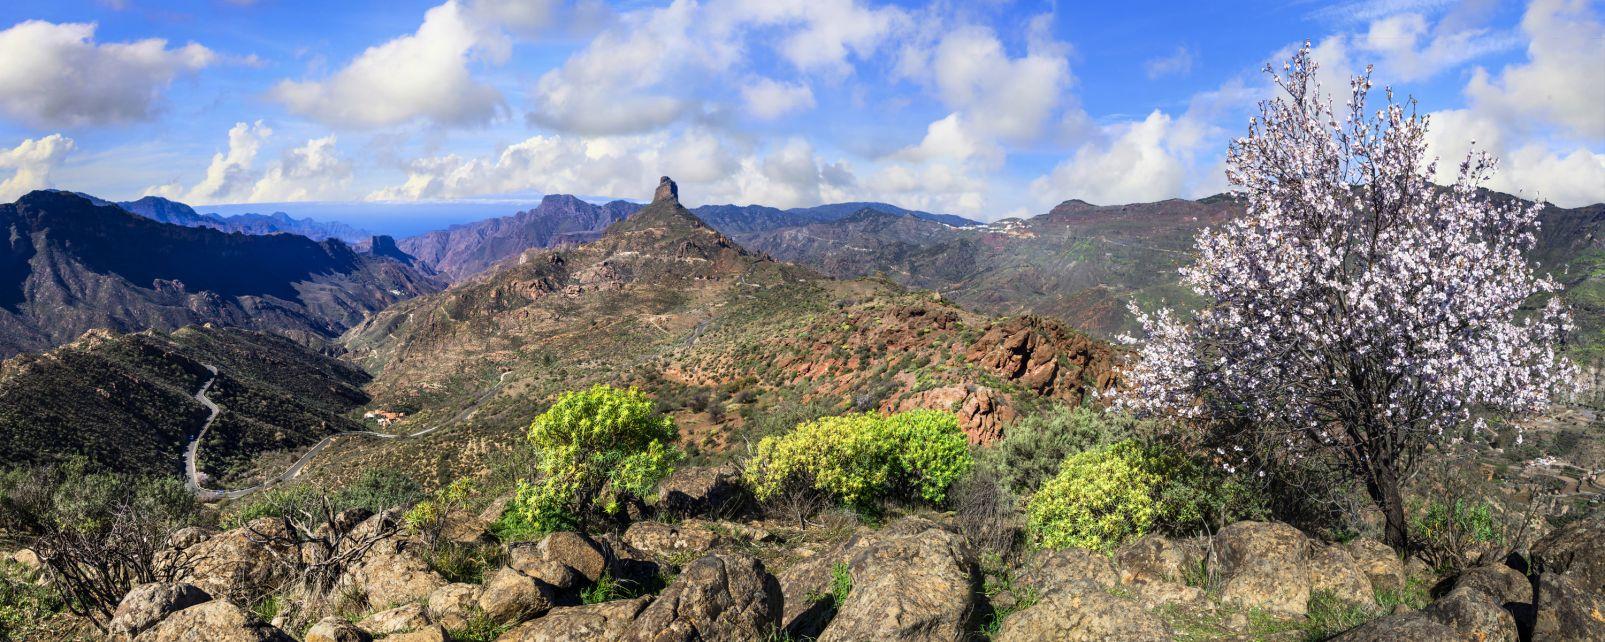 Gran Canaria, ein Kontinent in Miniaturform, Gran Canaria, Die Landschaften, Kanarische Inseln